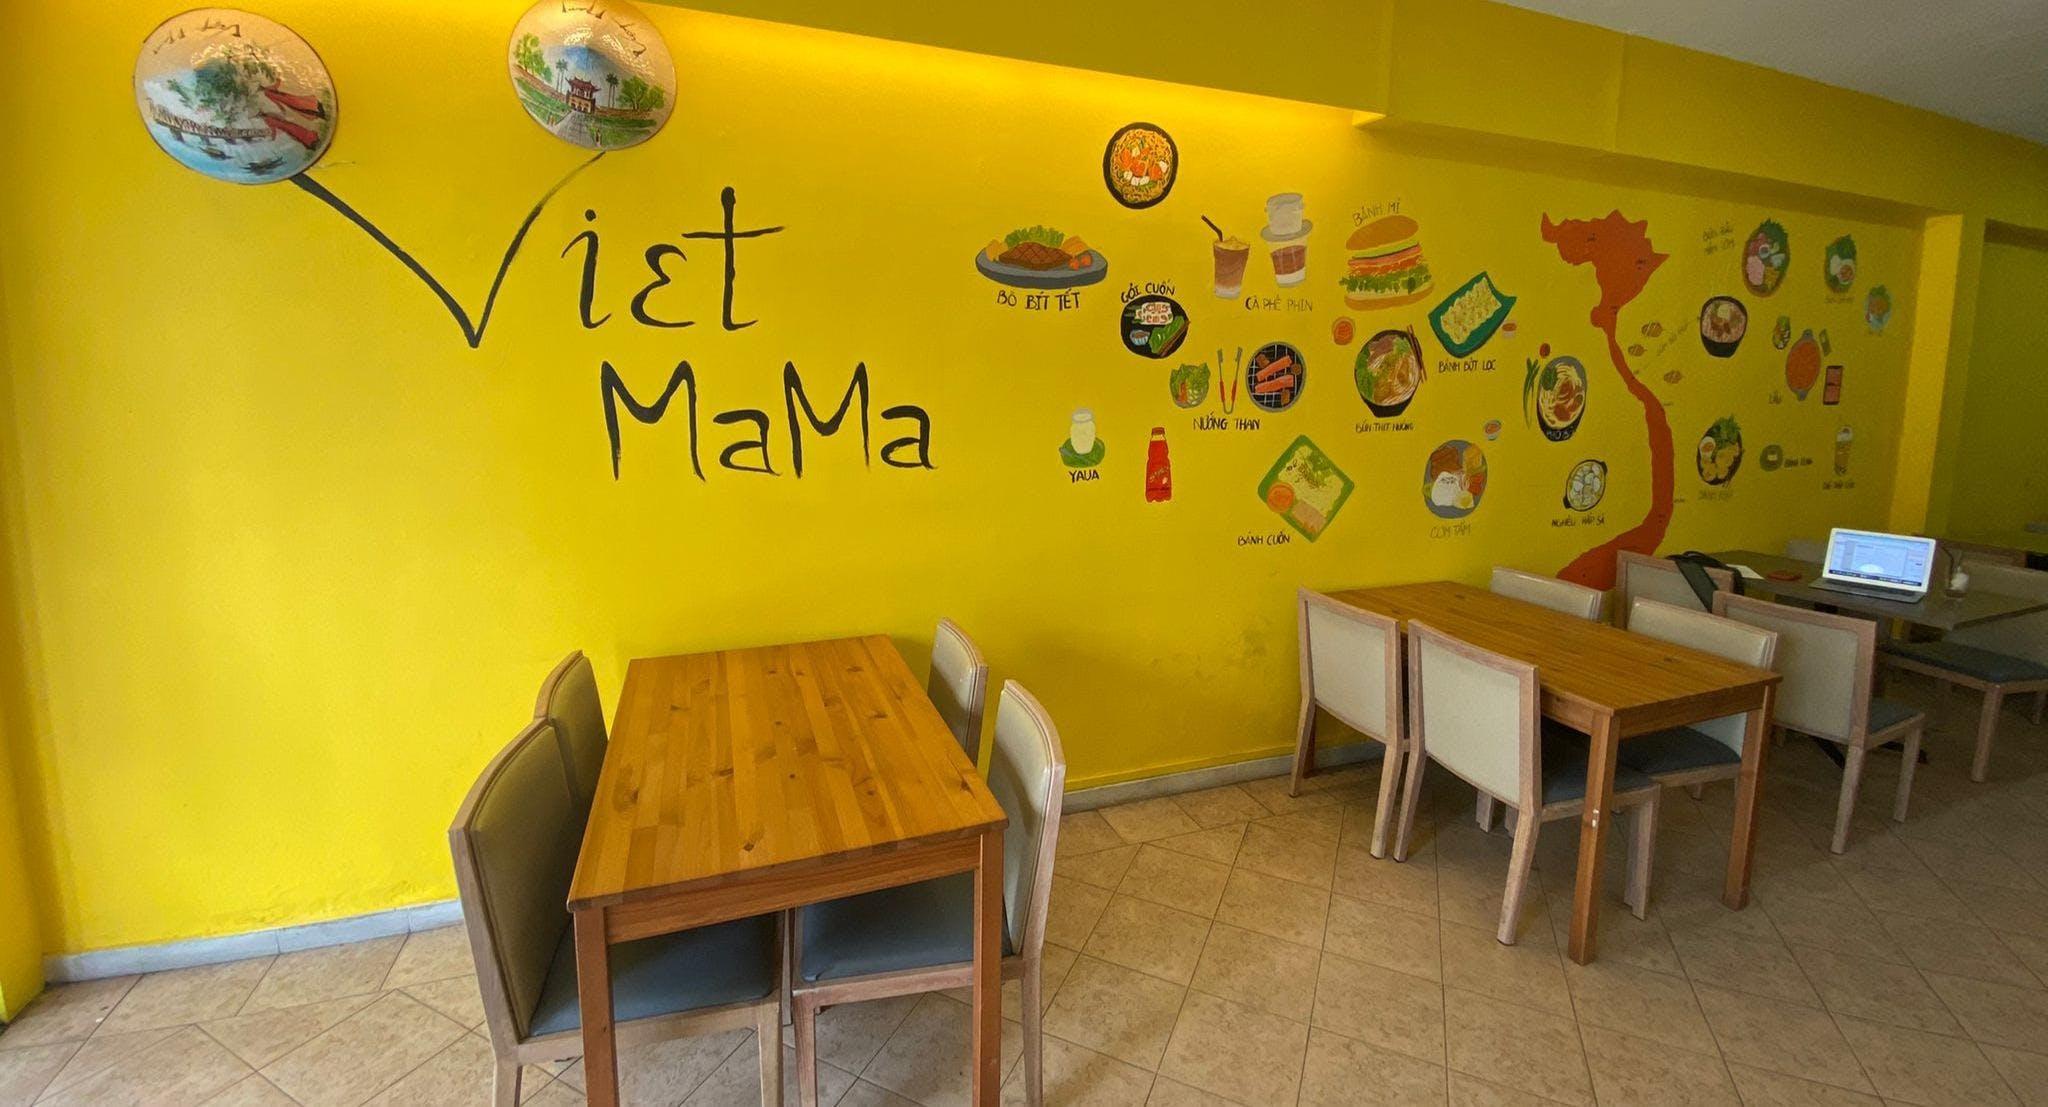 Photo of restaurant Viet Mama in MacPherson, Singapore